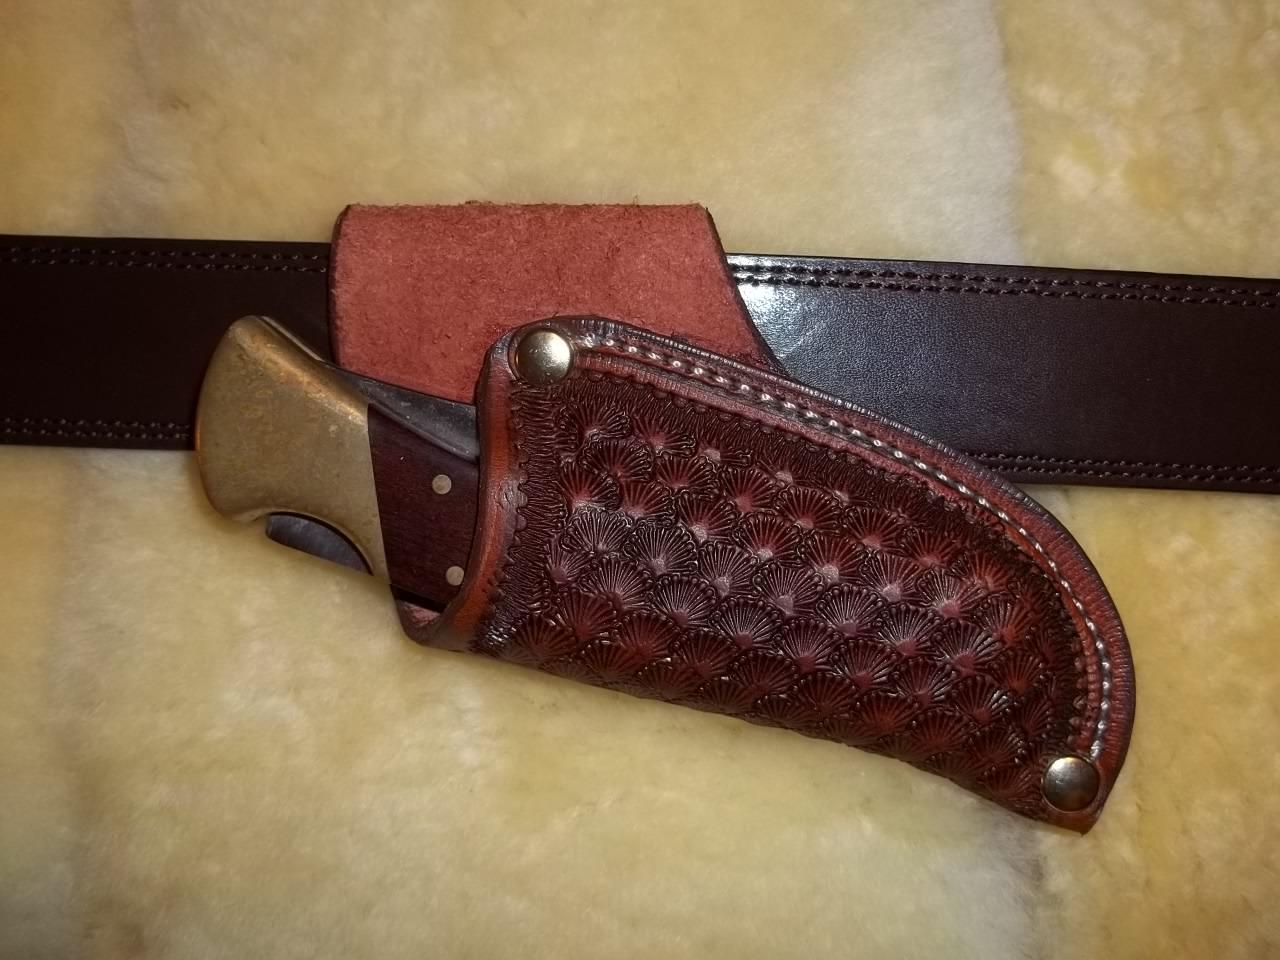 how to make a custom sheath for a knife